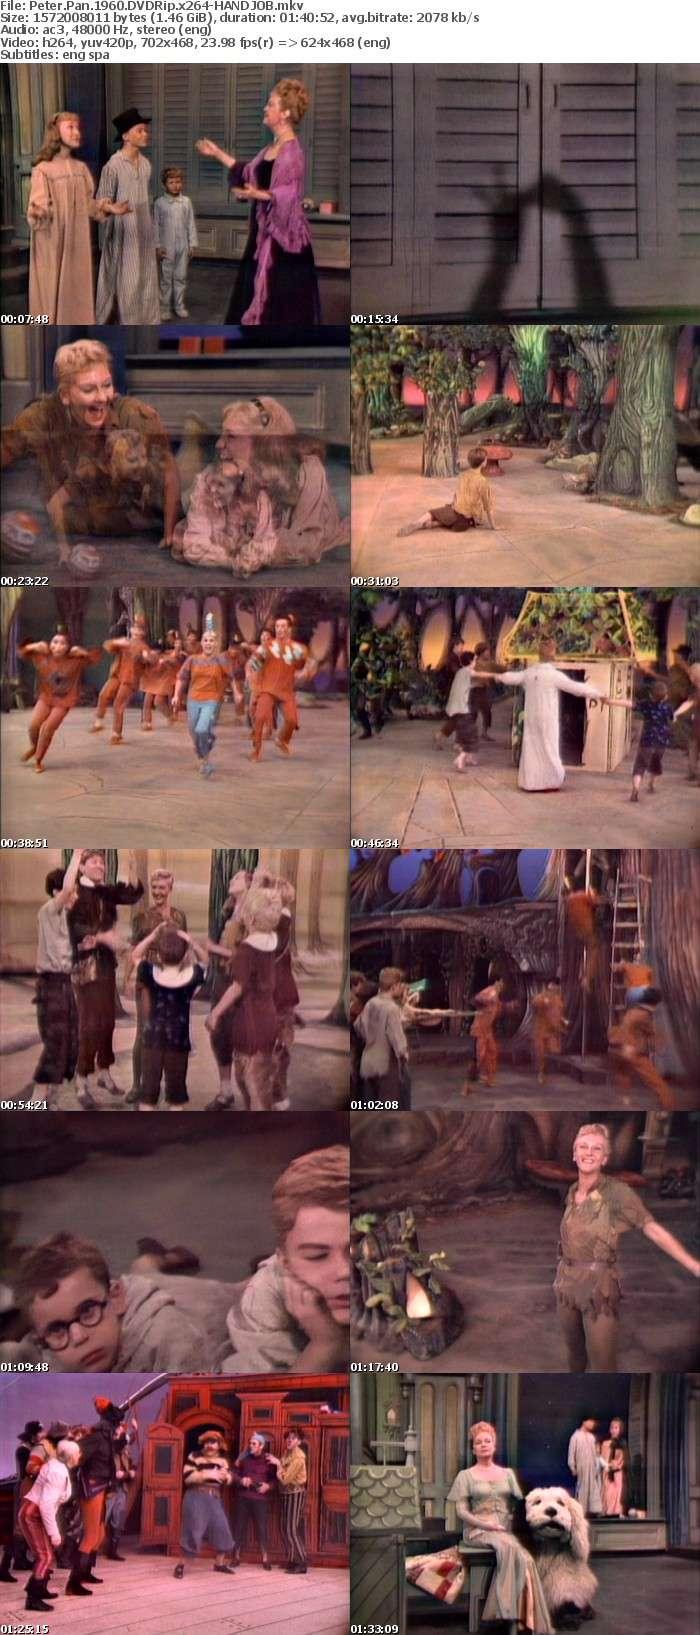 Peter Pan 1960 DVDRip x264-HANDJOB